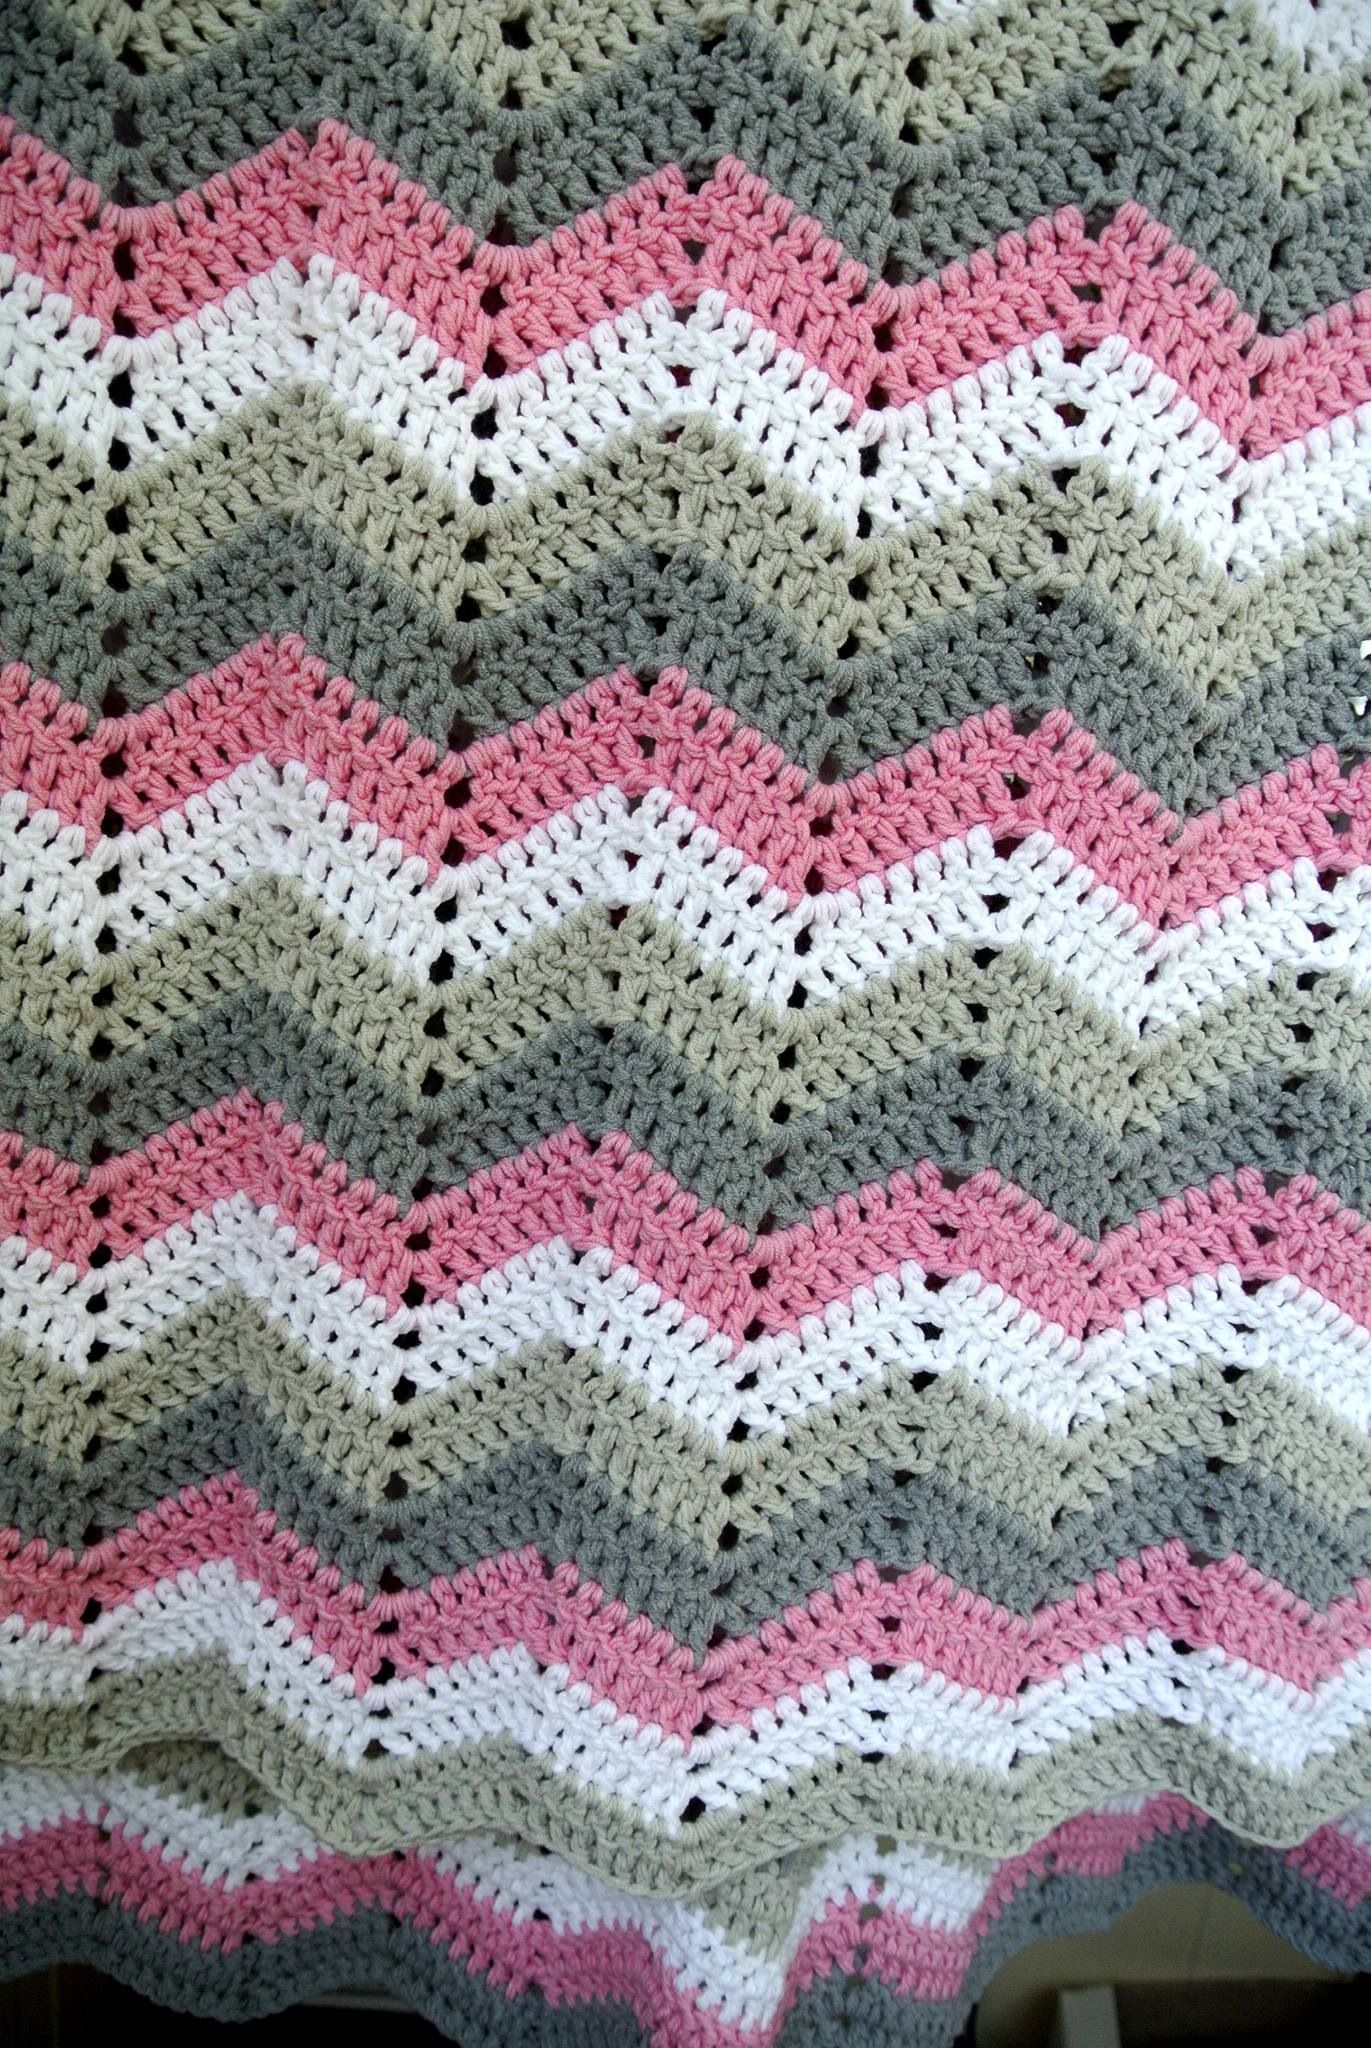 Pin de Maria da Graça Mendes Demartini en Crochet | Pinterest